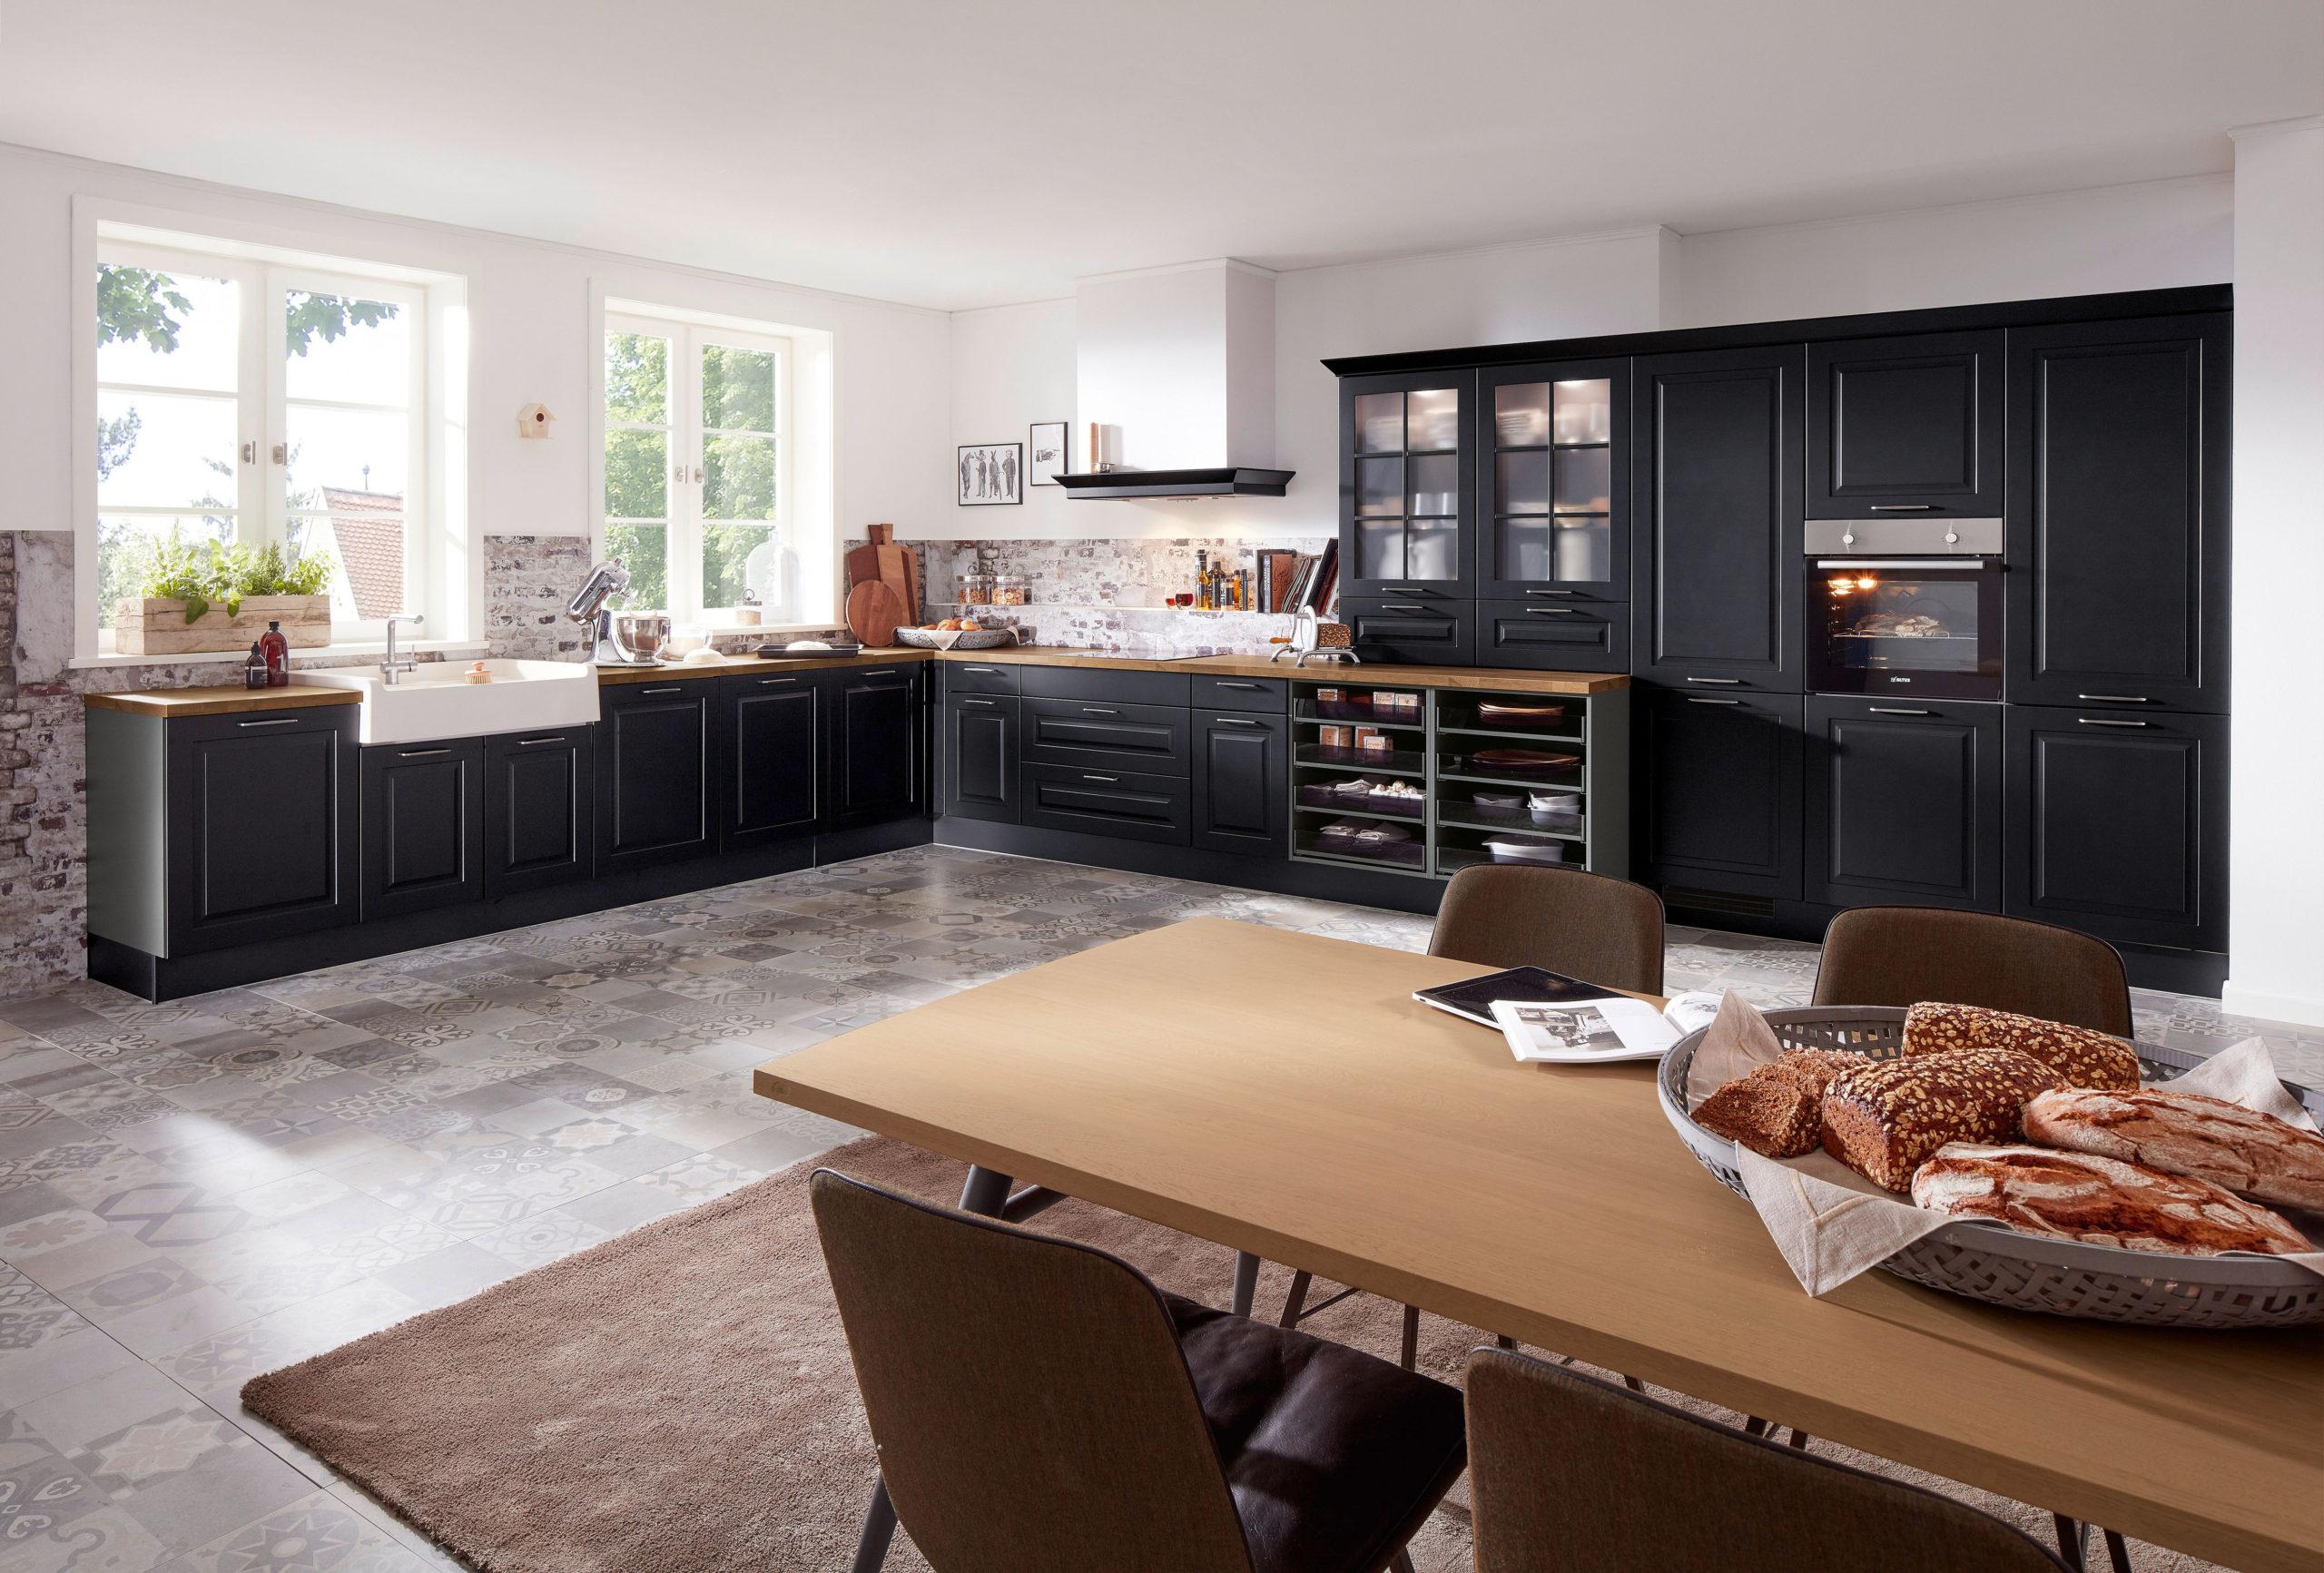 Kücheneinrichtung im Landhausstil